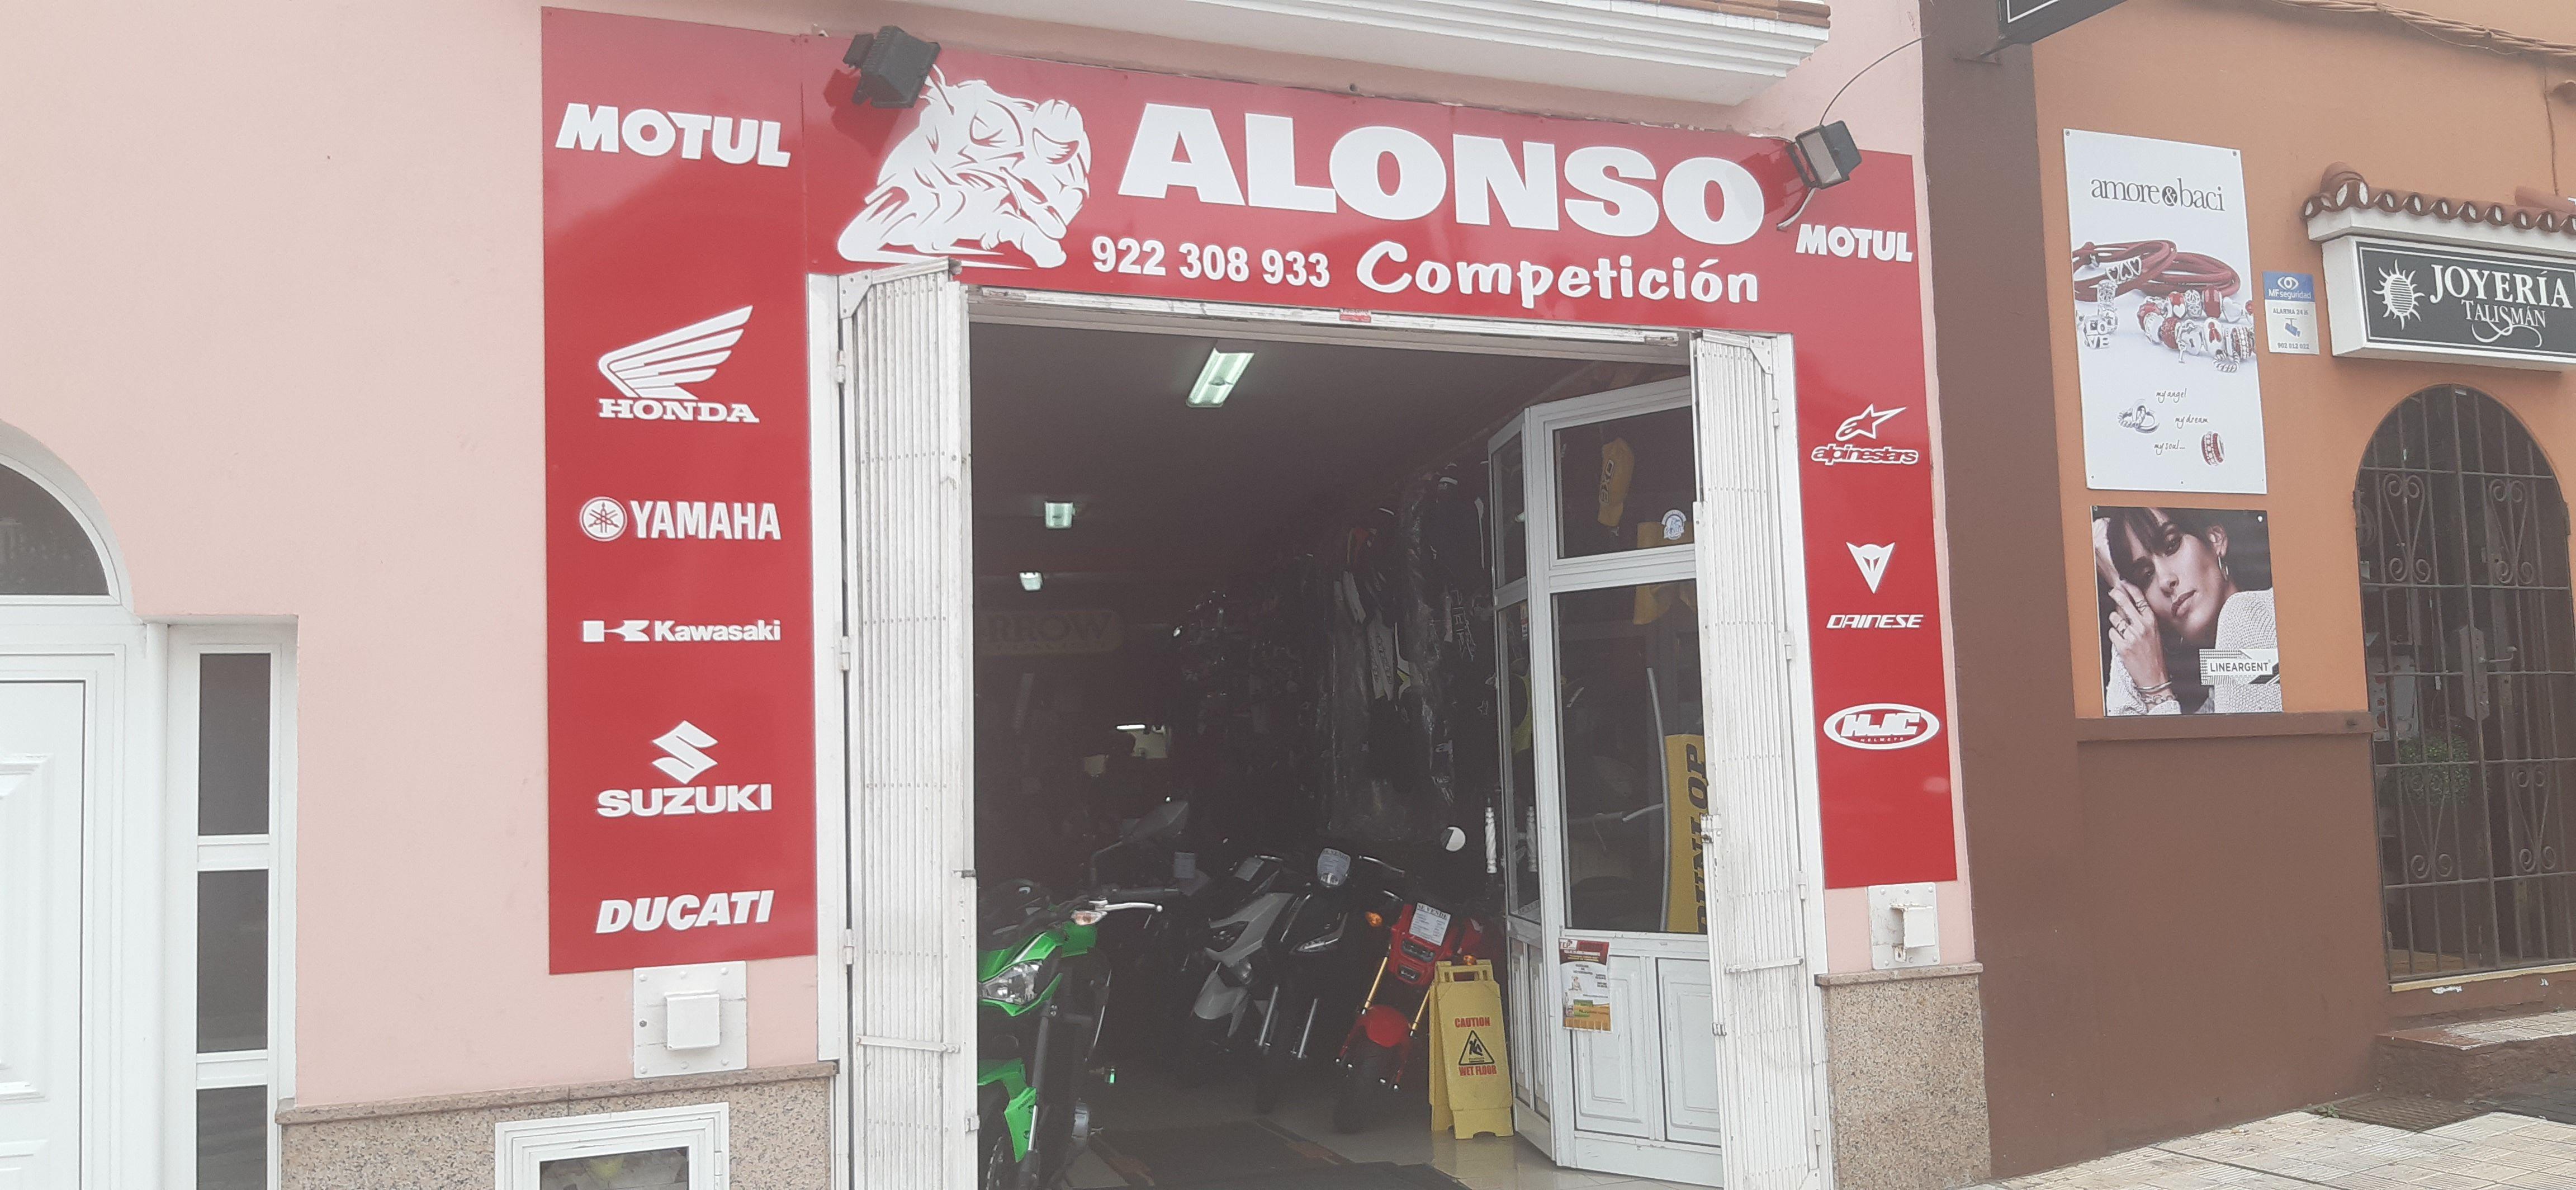 Foto 2 de Motos en La Orotava   Alonso Competición